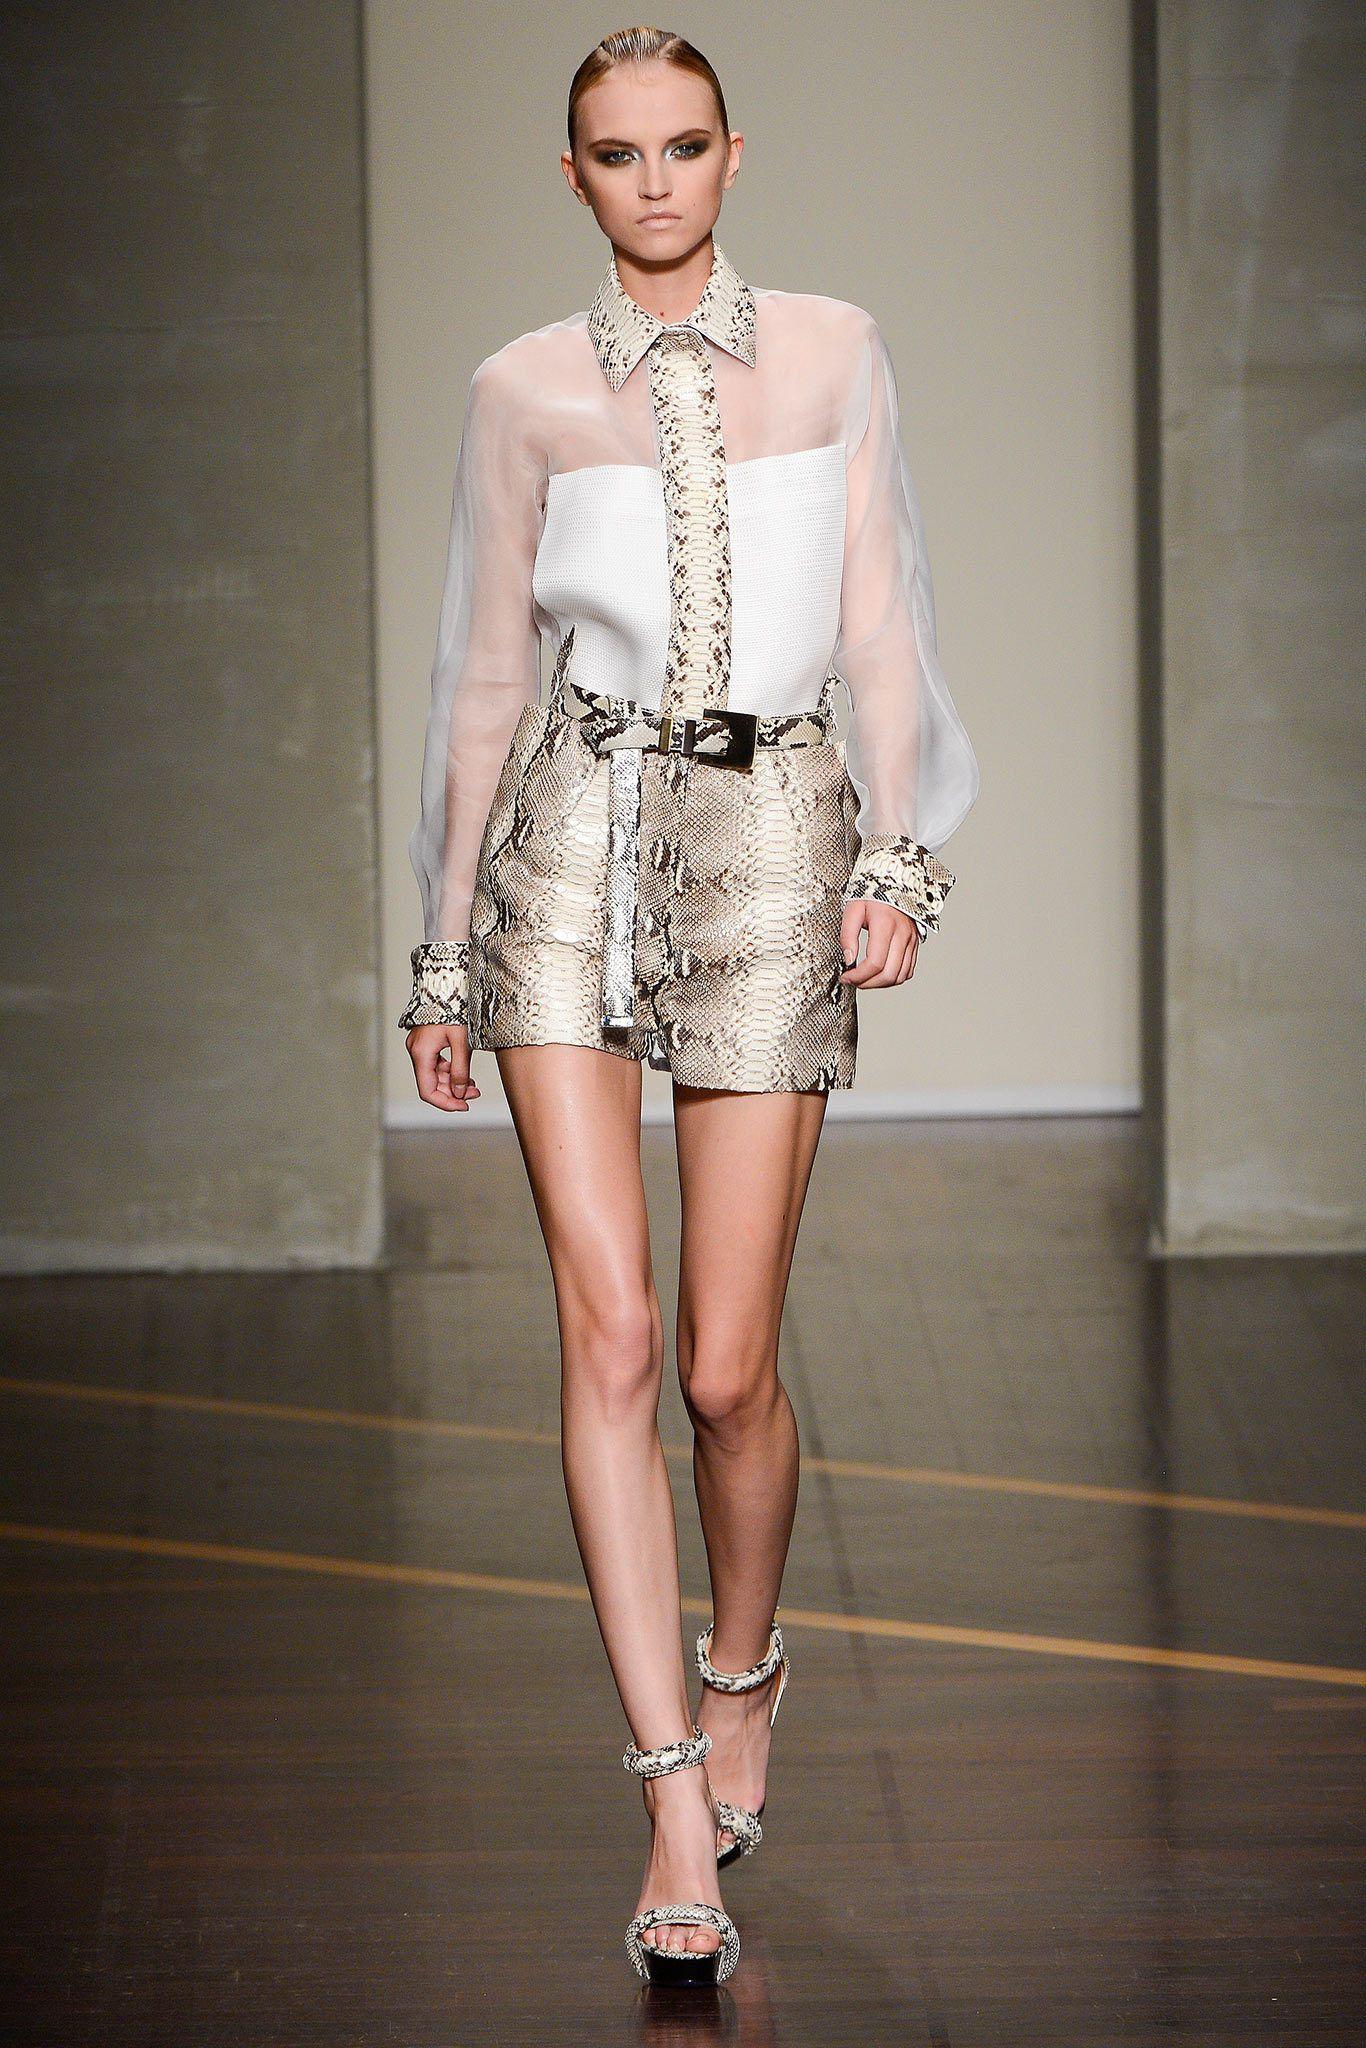 Gianfranco Ferré Spring 2013 Ready-to-Wear Fashion Show - Anabela Belikova